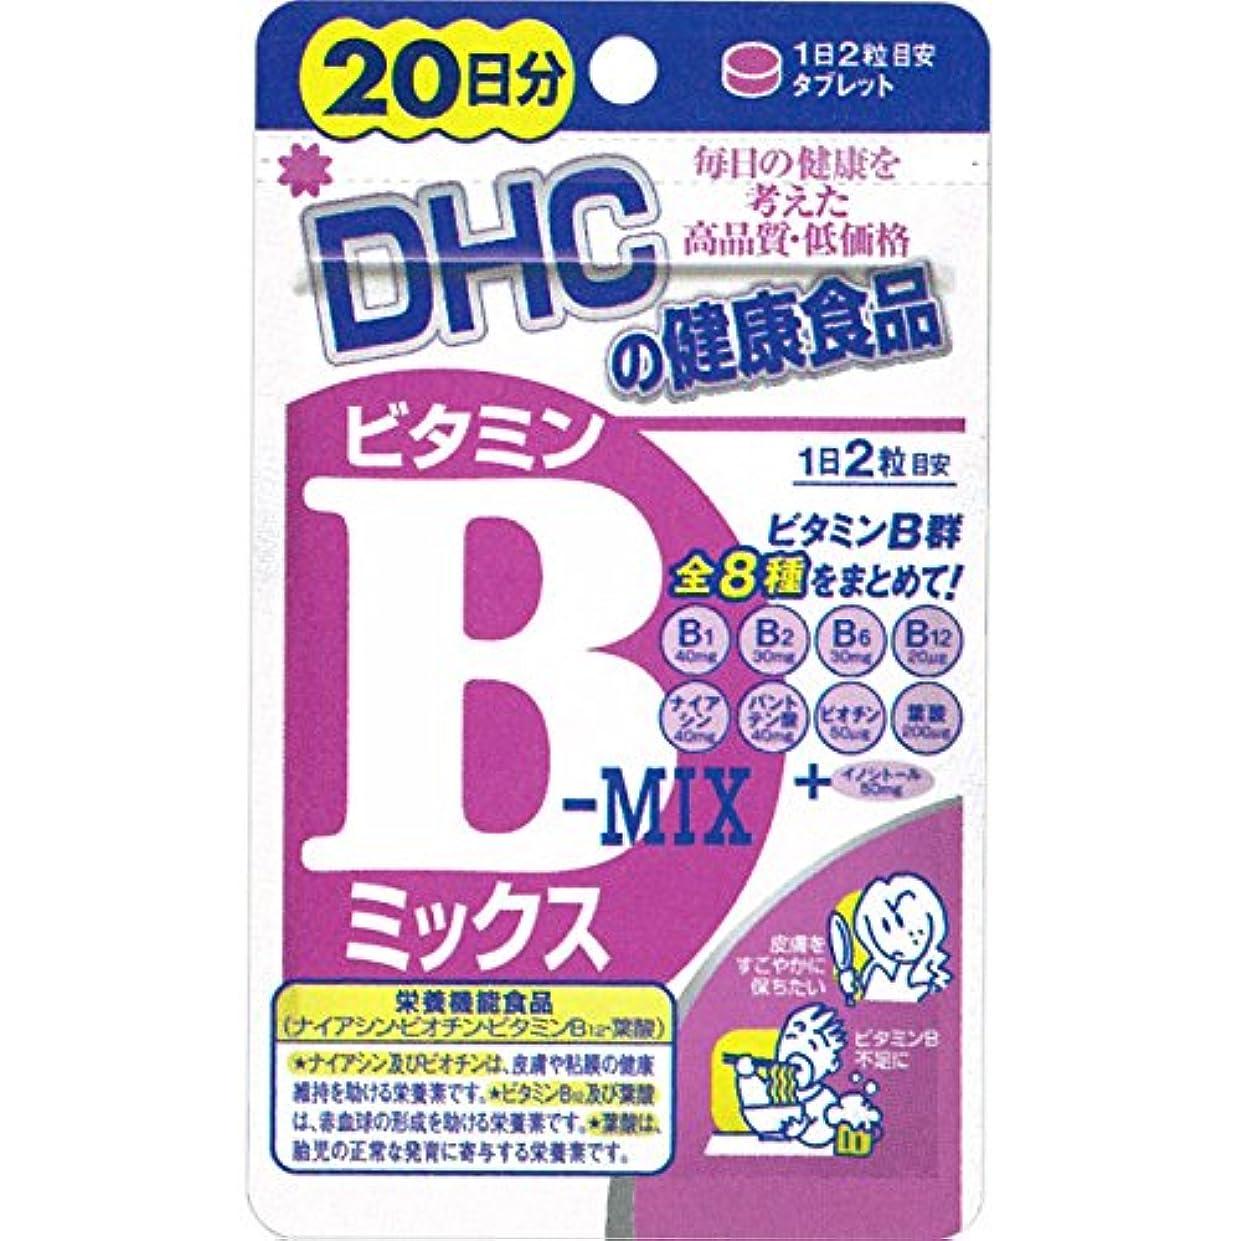 ベアリング薄い牛肉DHC(ディーエイチシー) サプリメント DHC ビタミンB MIX 20日分